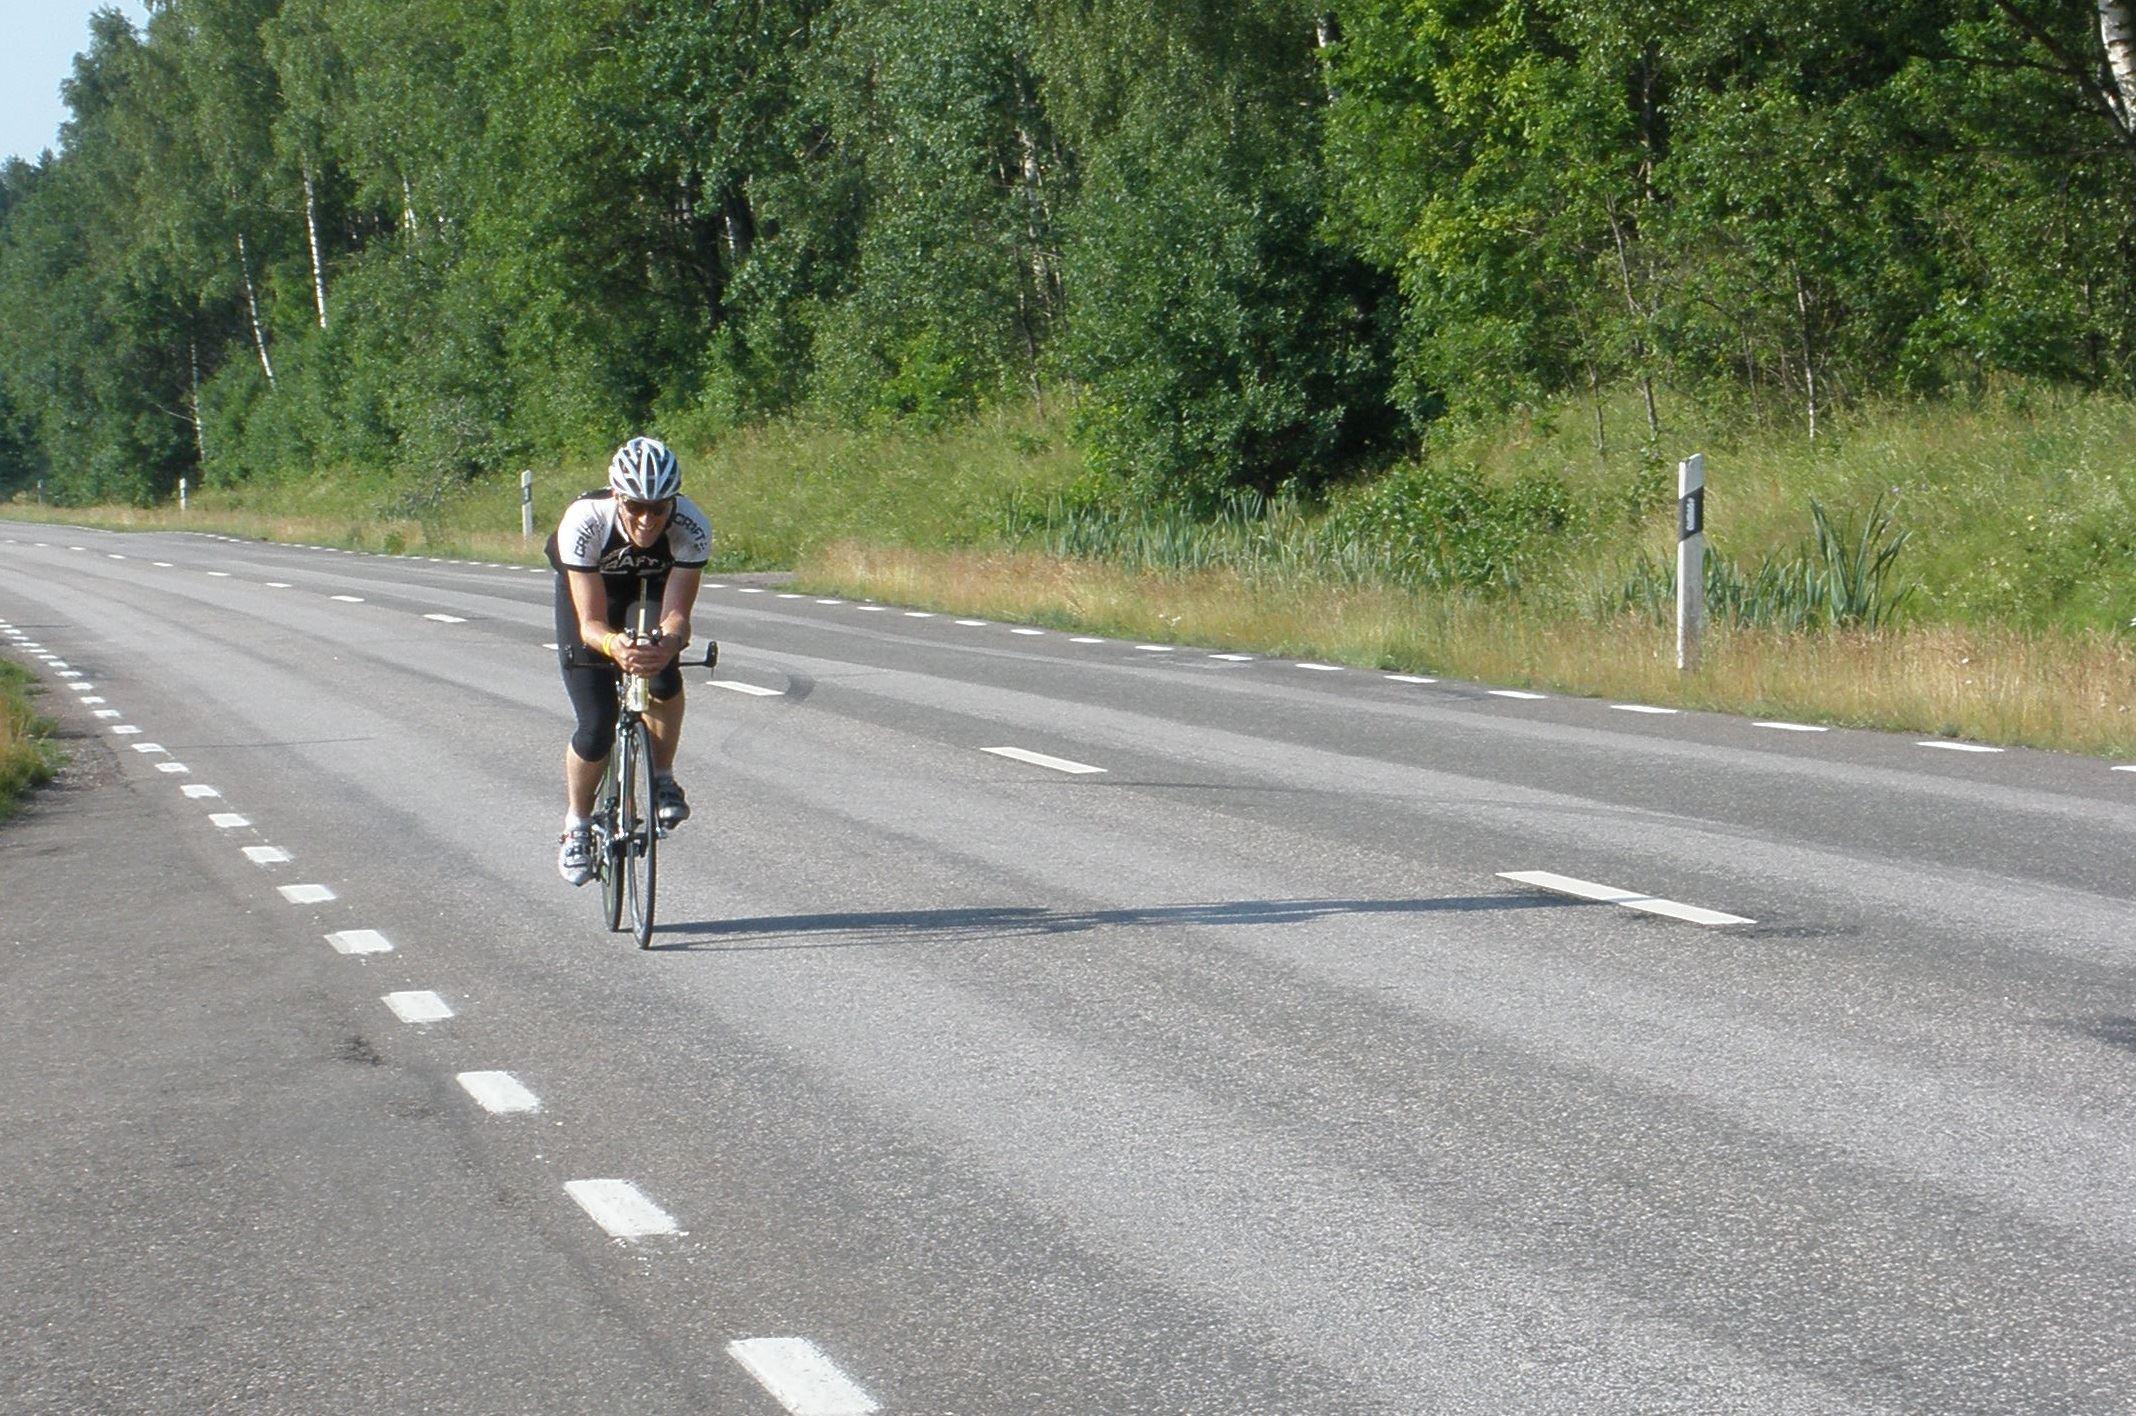 Cykling: Sirkön tur och retur, 76 km